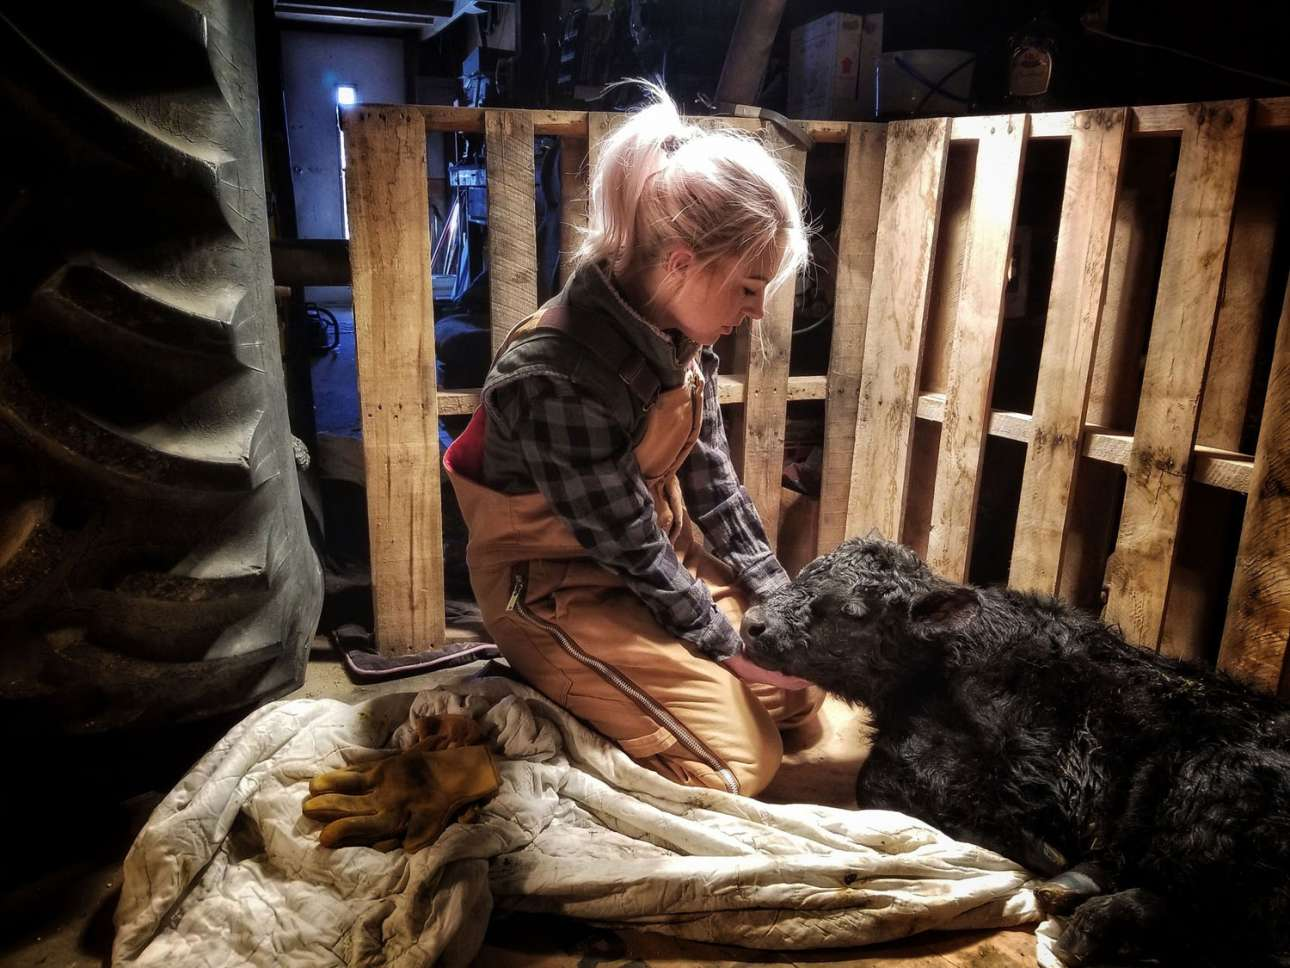 «Φύλακας Αγγελος», κατηγορία Αμερικανική Εμπειρία. Το κοριτσάκι φροντίζει με τρυφερότητα και αγάπη ένα νεογέννητο μοσχαράκι μετά από δύσκολο τοκετό, στη φάρμα του πατέρα της. στη Νεμπράσκα